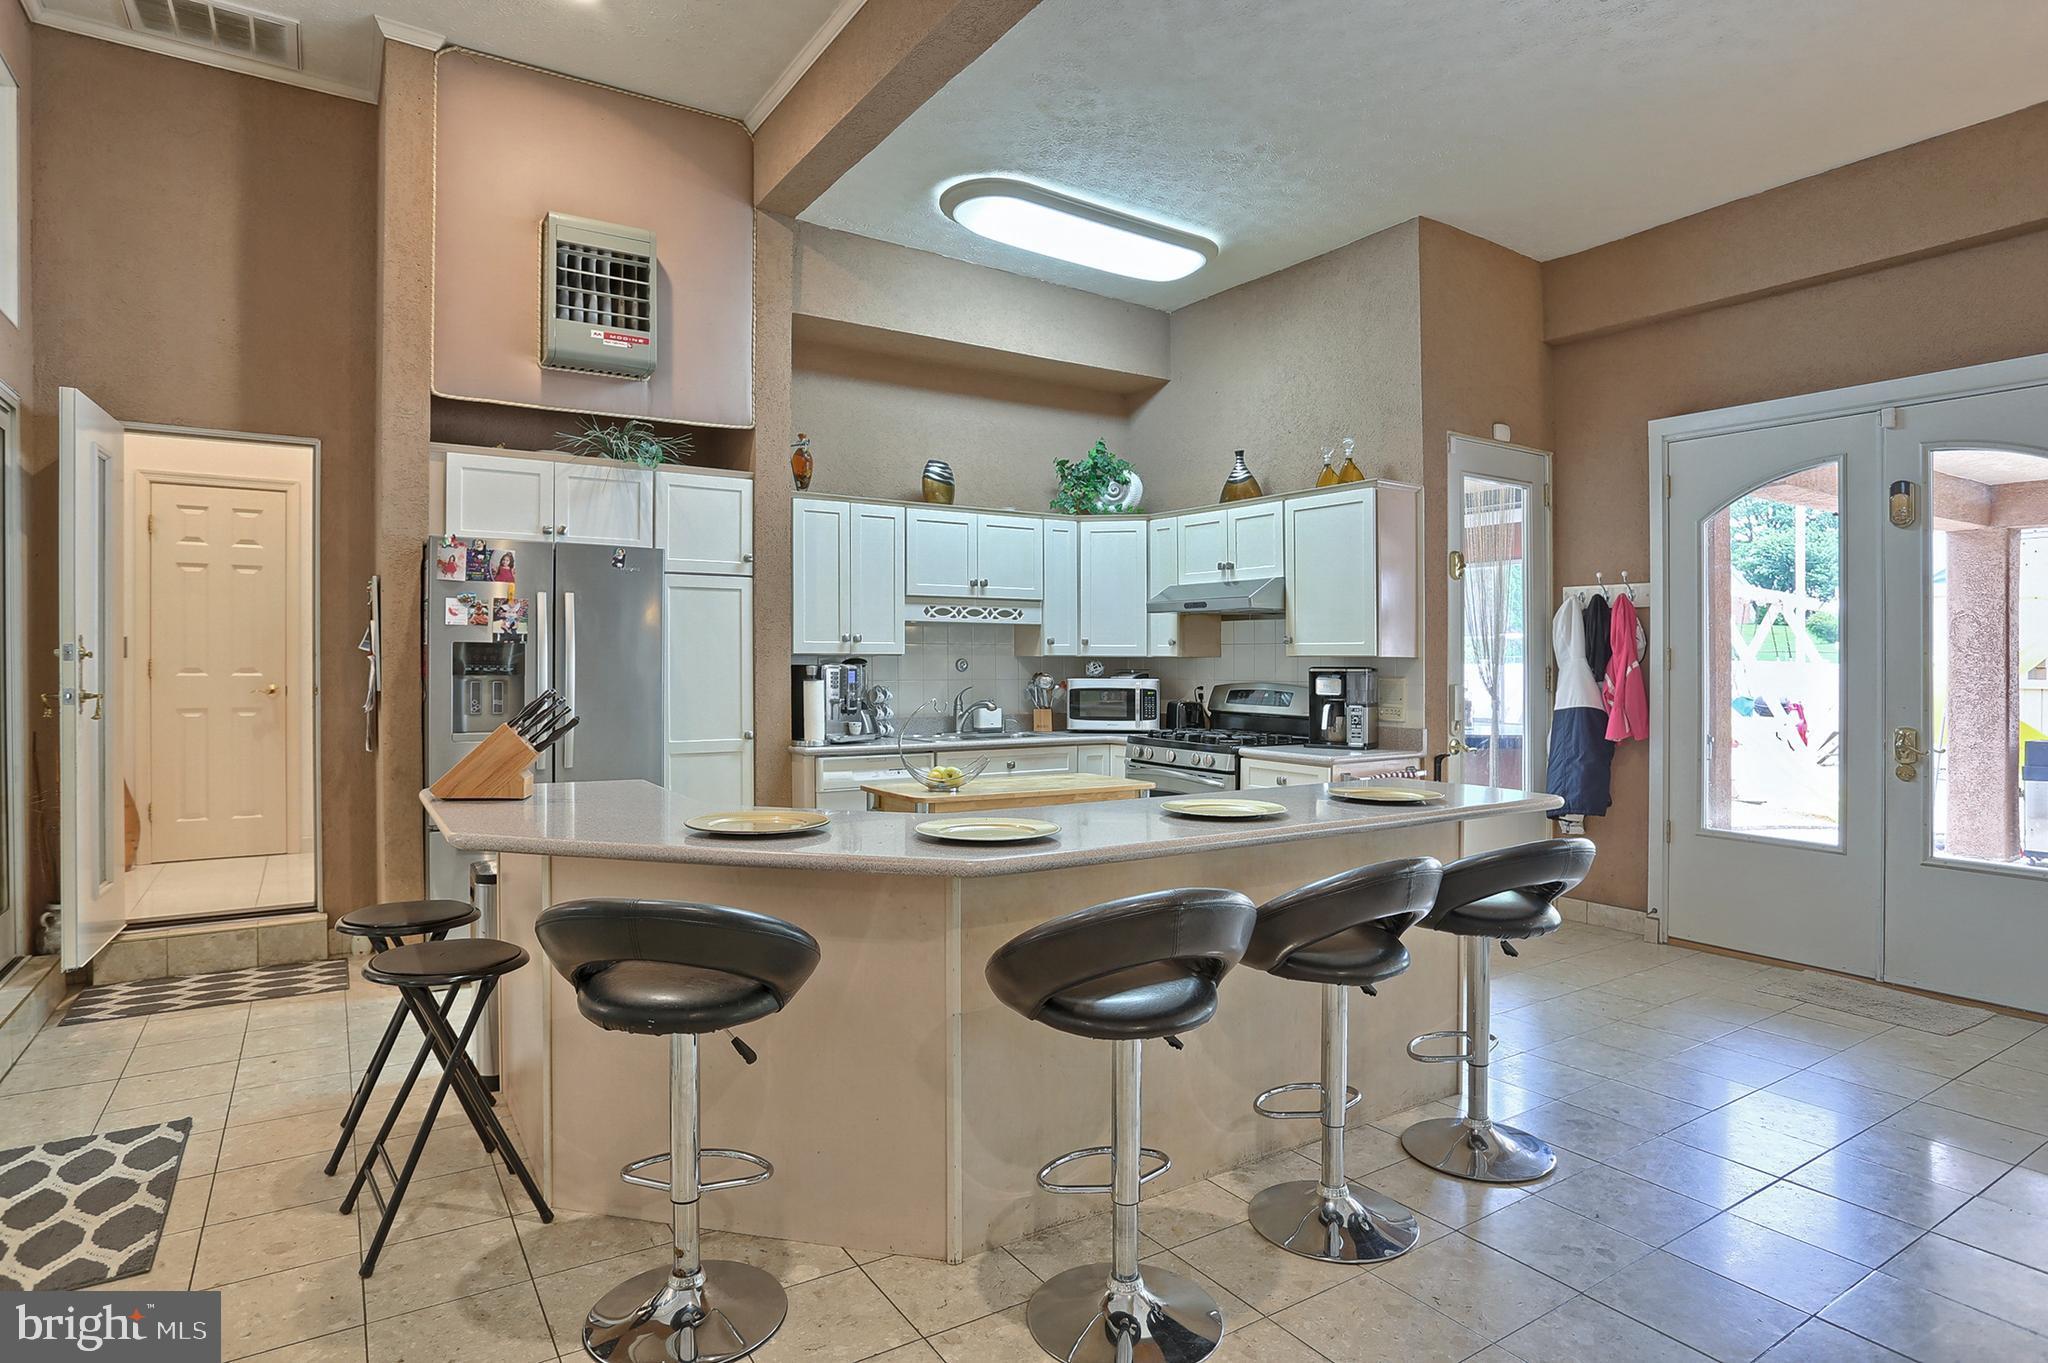 Corian breakfast bar in kitchen # 2  (21'x17')